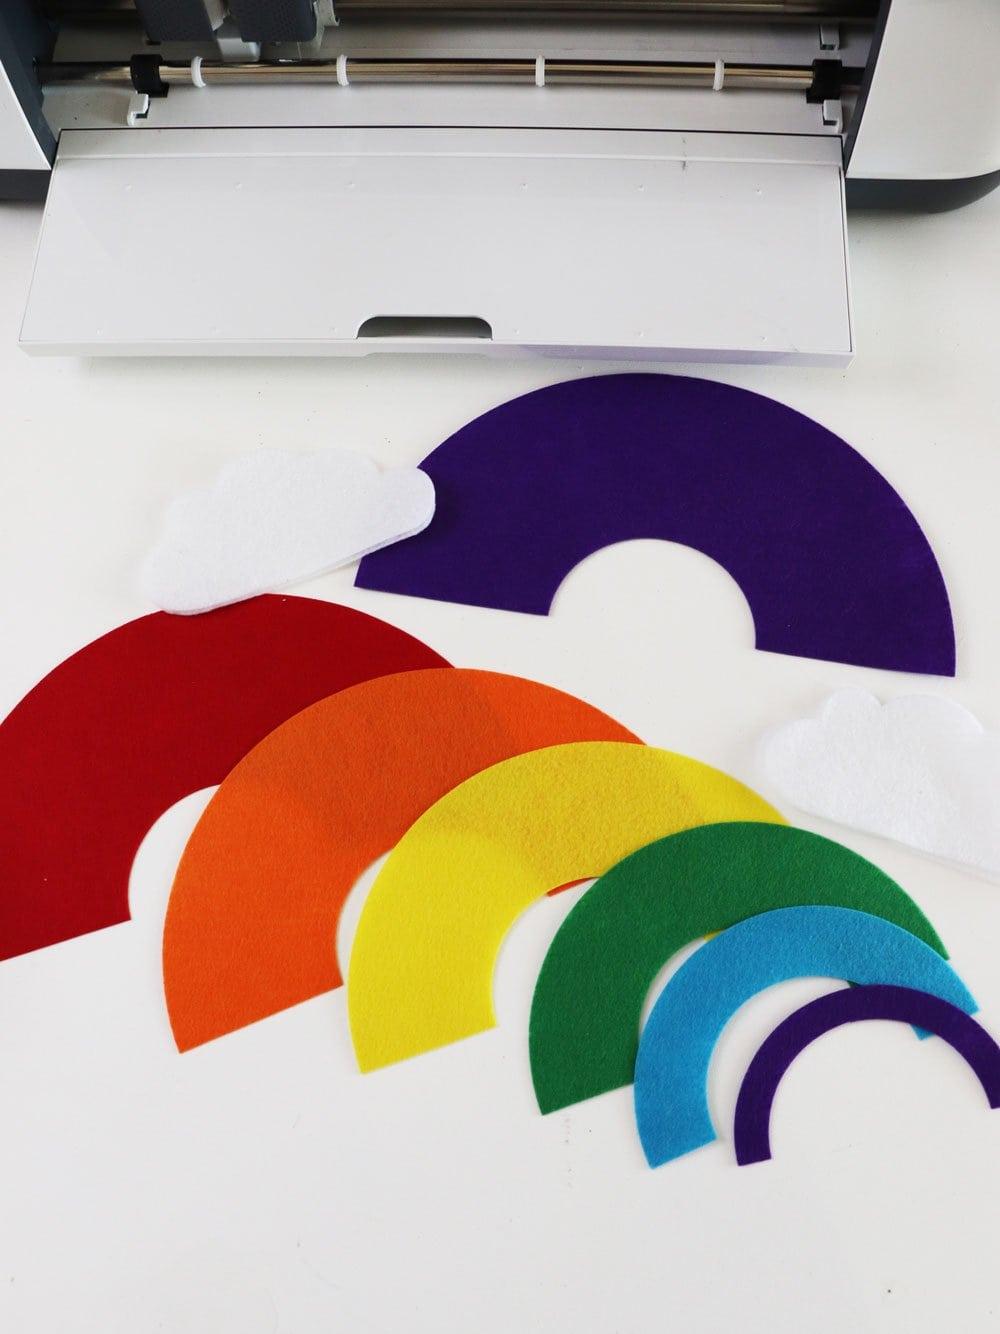 cut felt rainbow pieces with Cricut